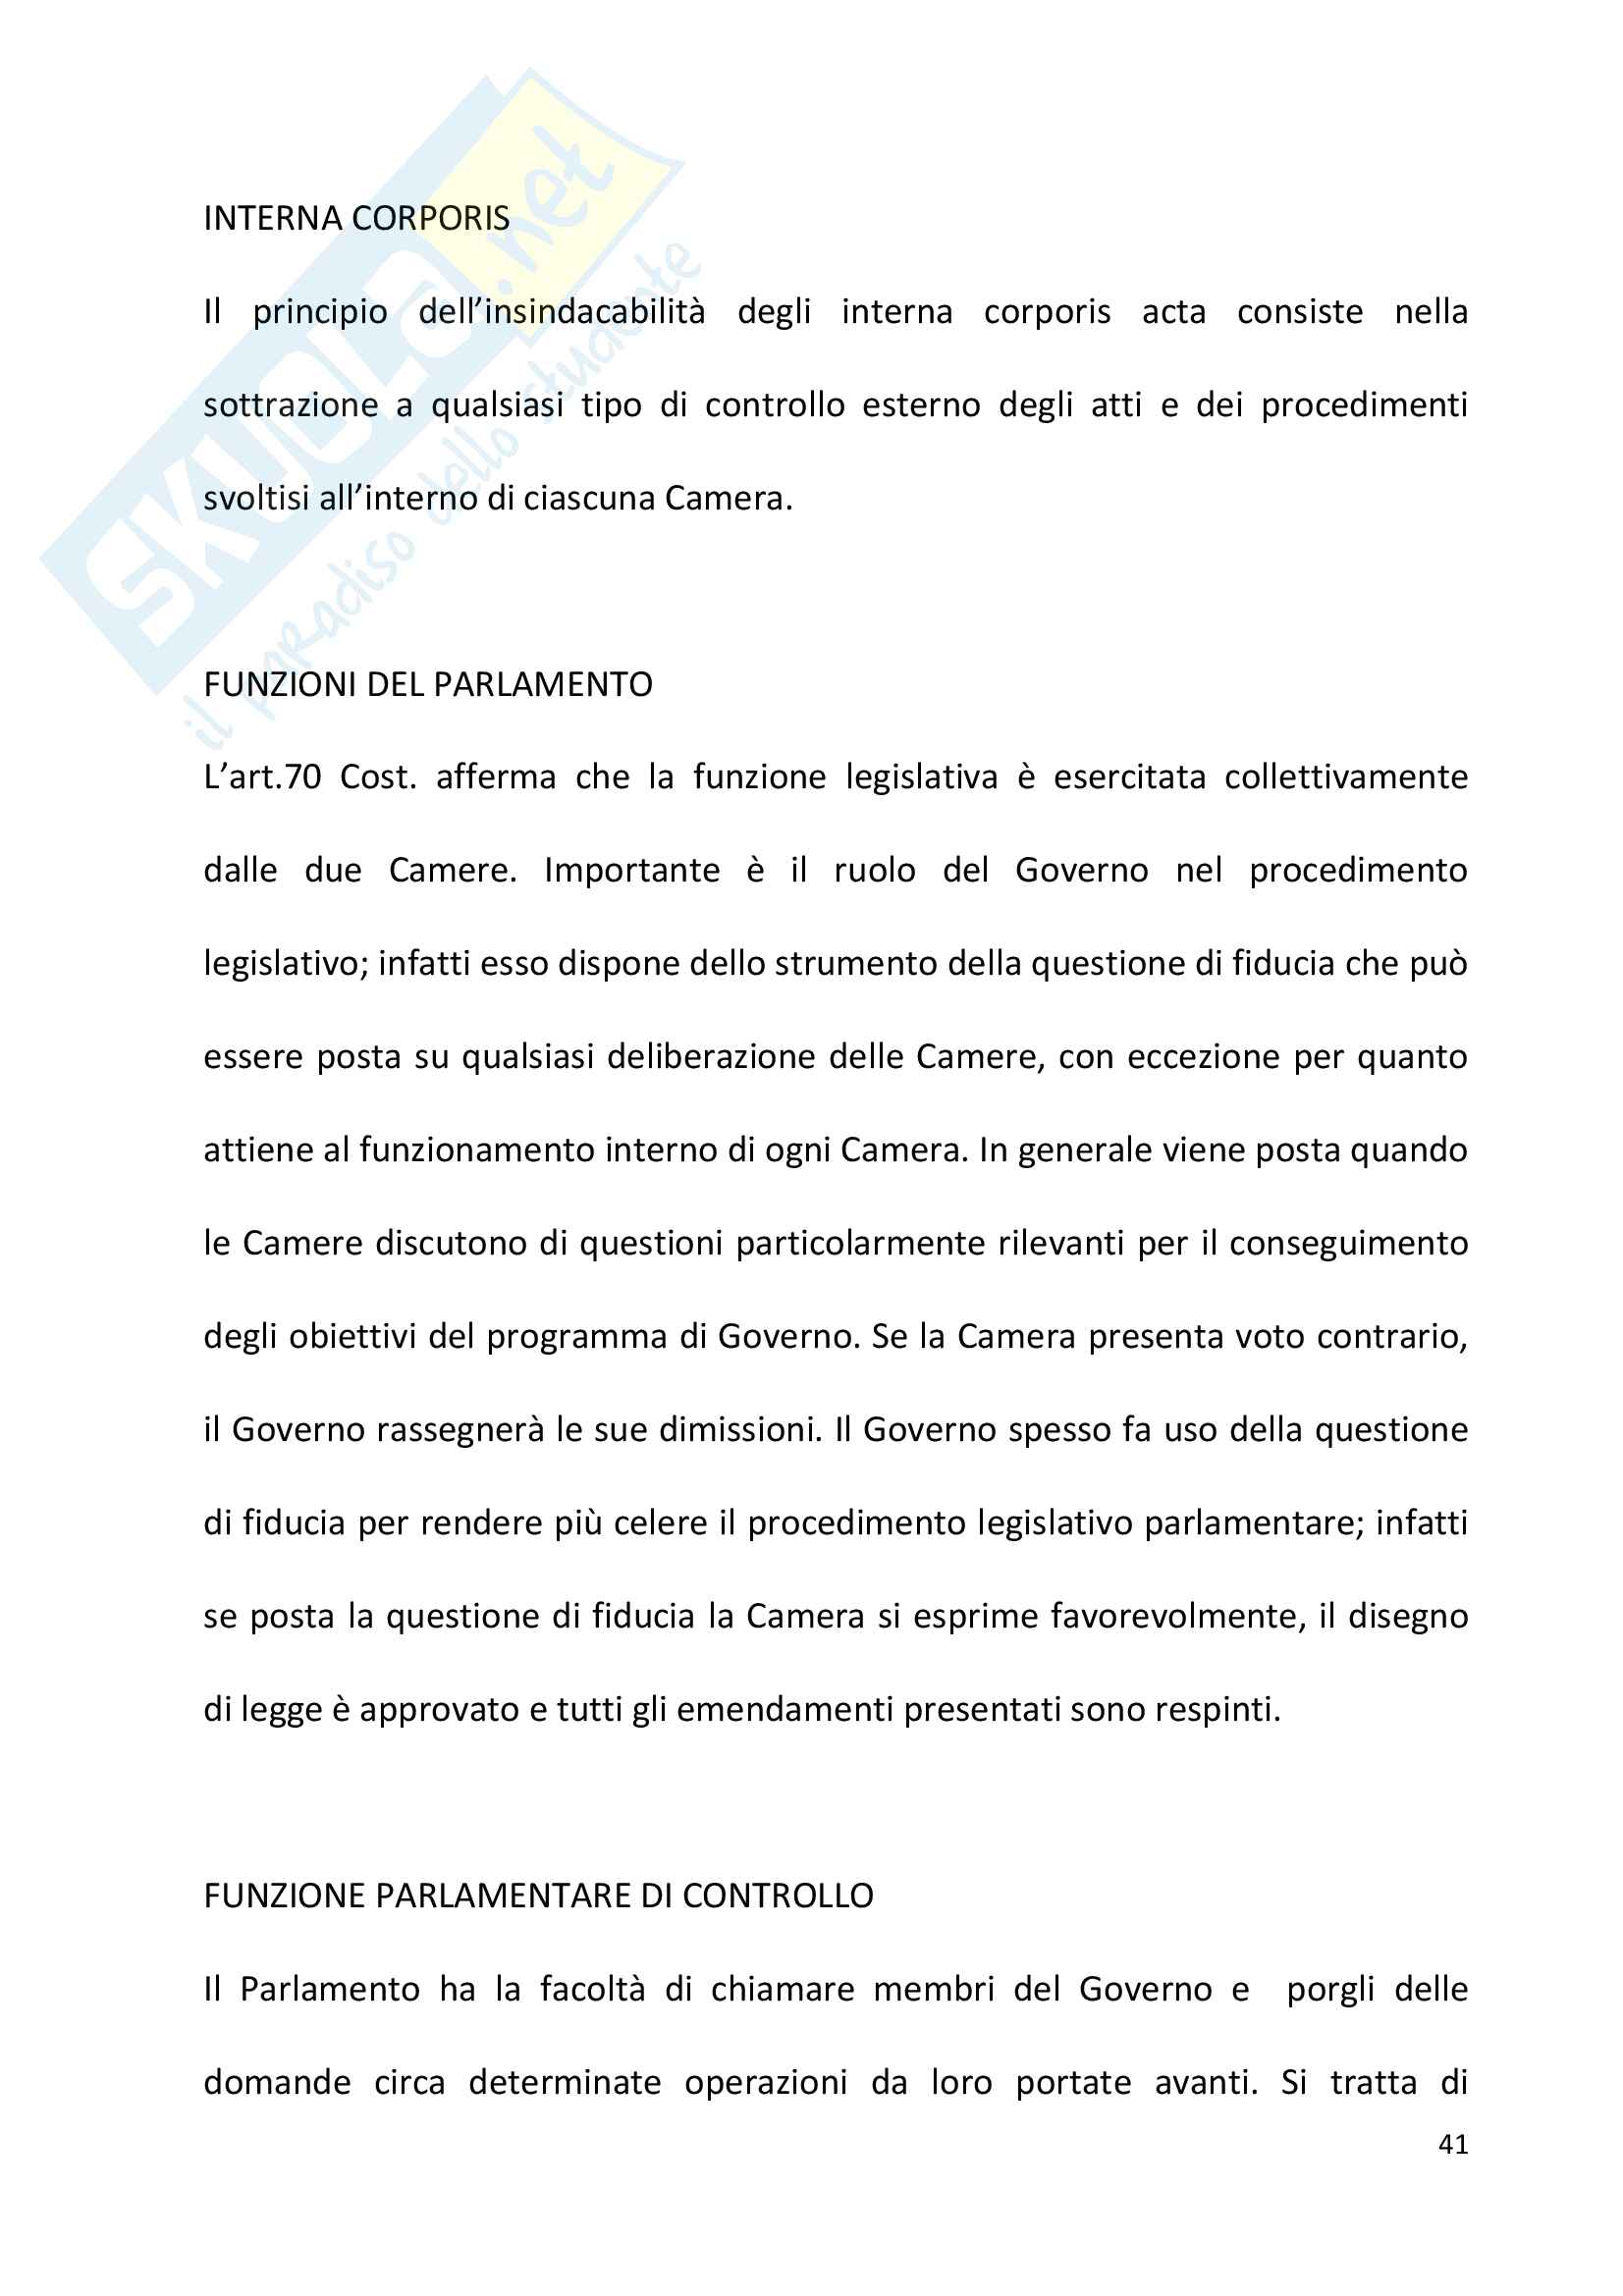 Diritto pubblico + domande Pag. 41